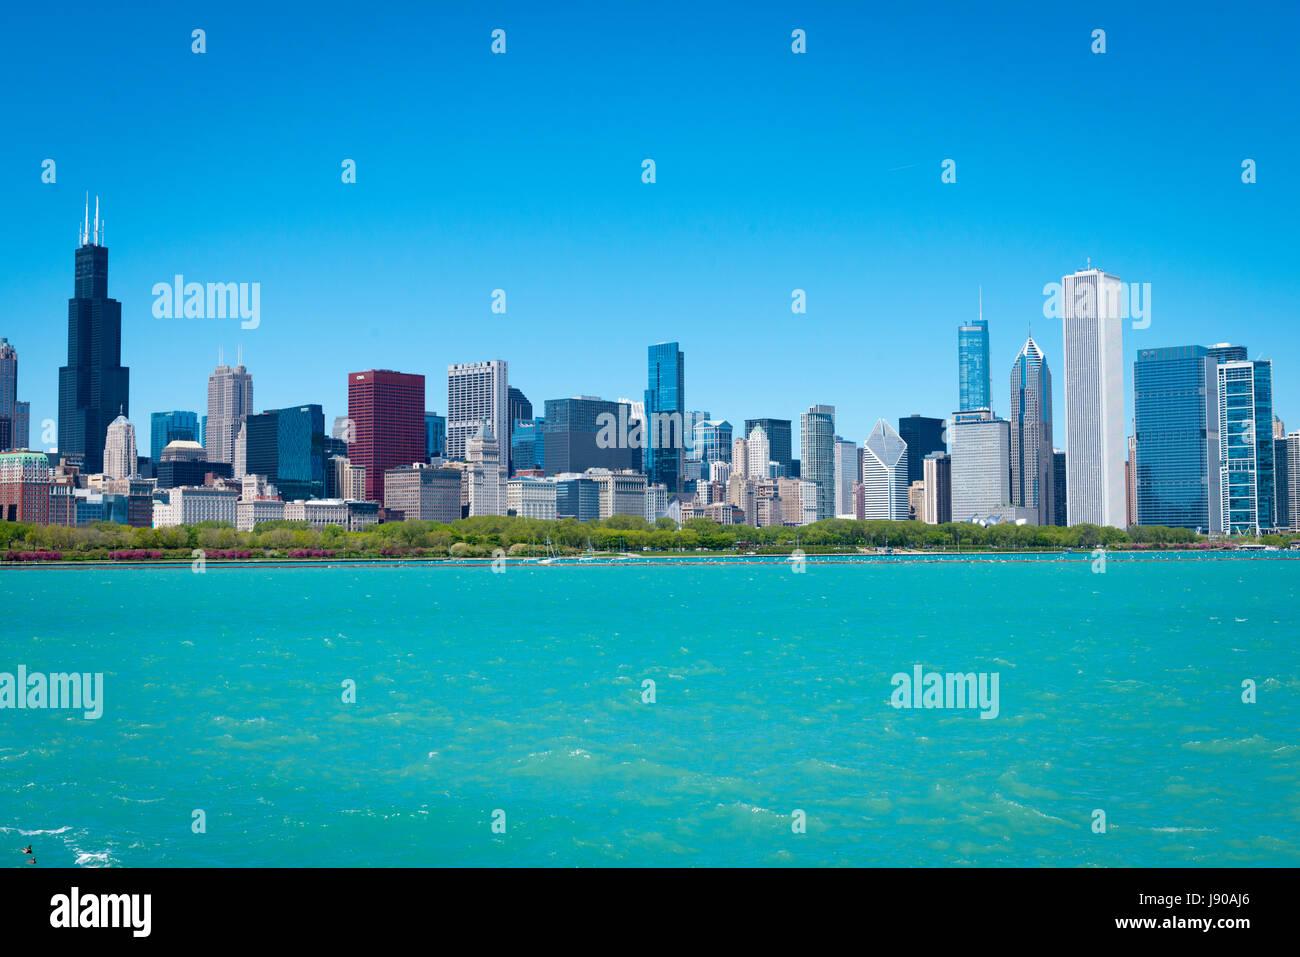 Chicago Illinois vicino al lato sud est della solidarietà vista Unità di paesaggio urbano panorama grattacieli Immagini Stock